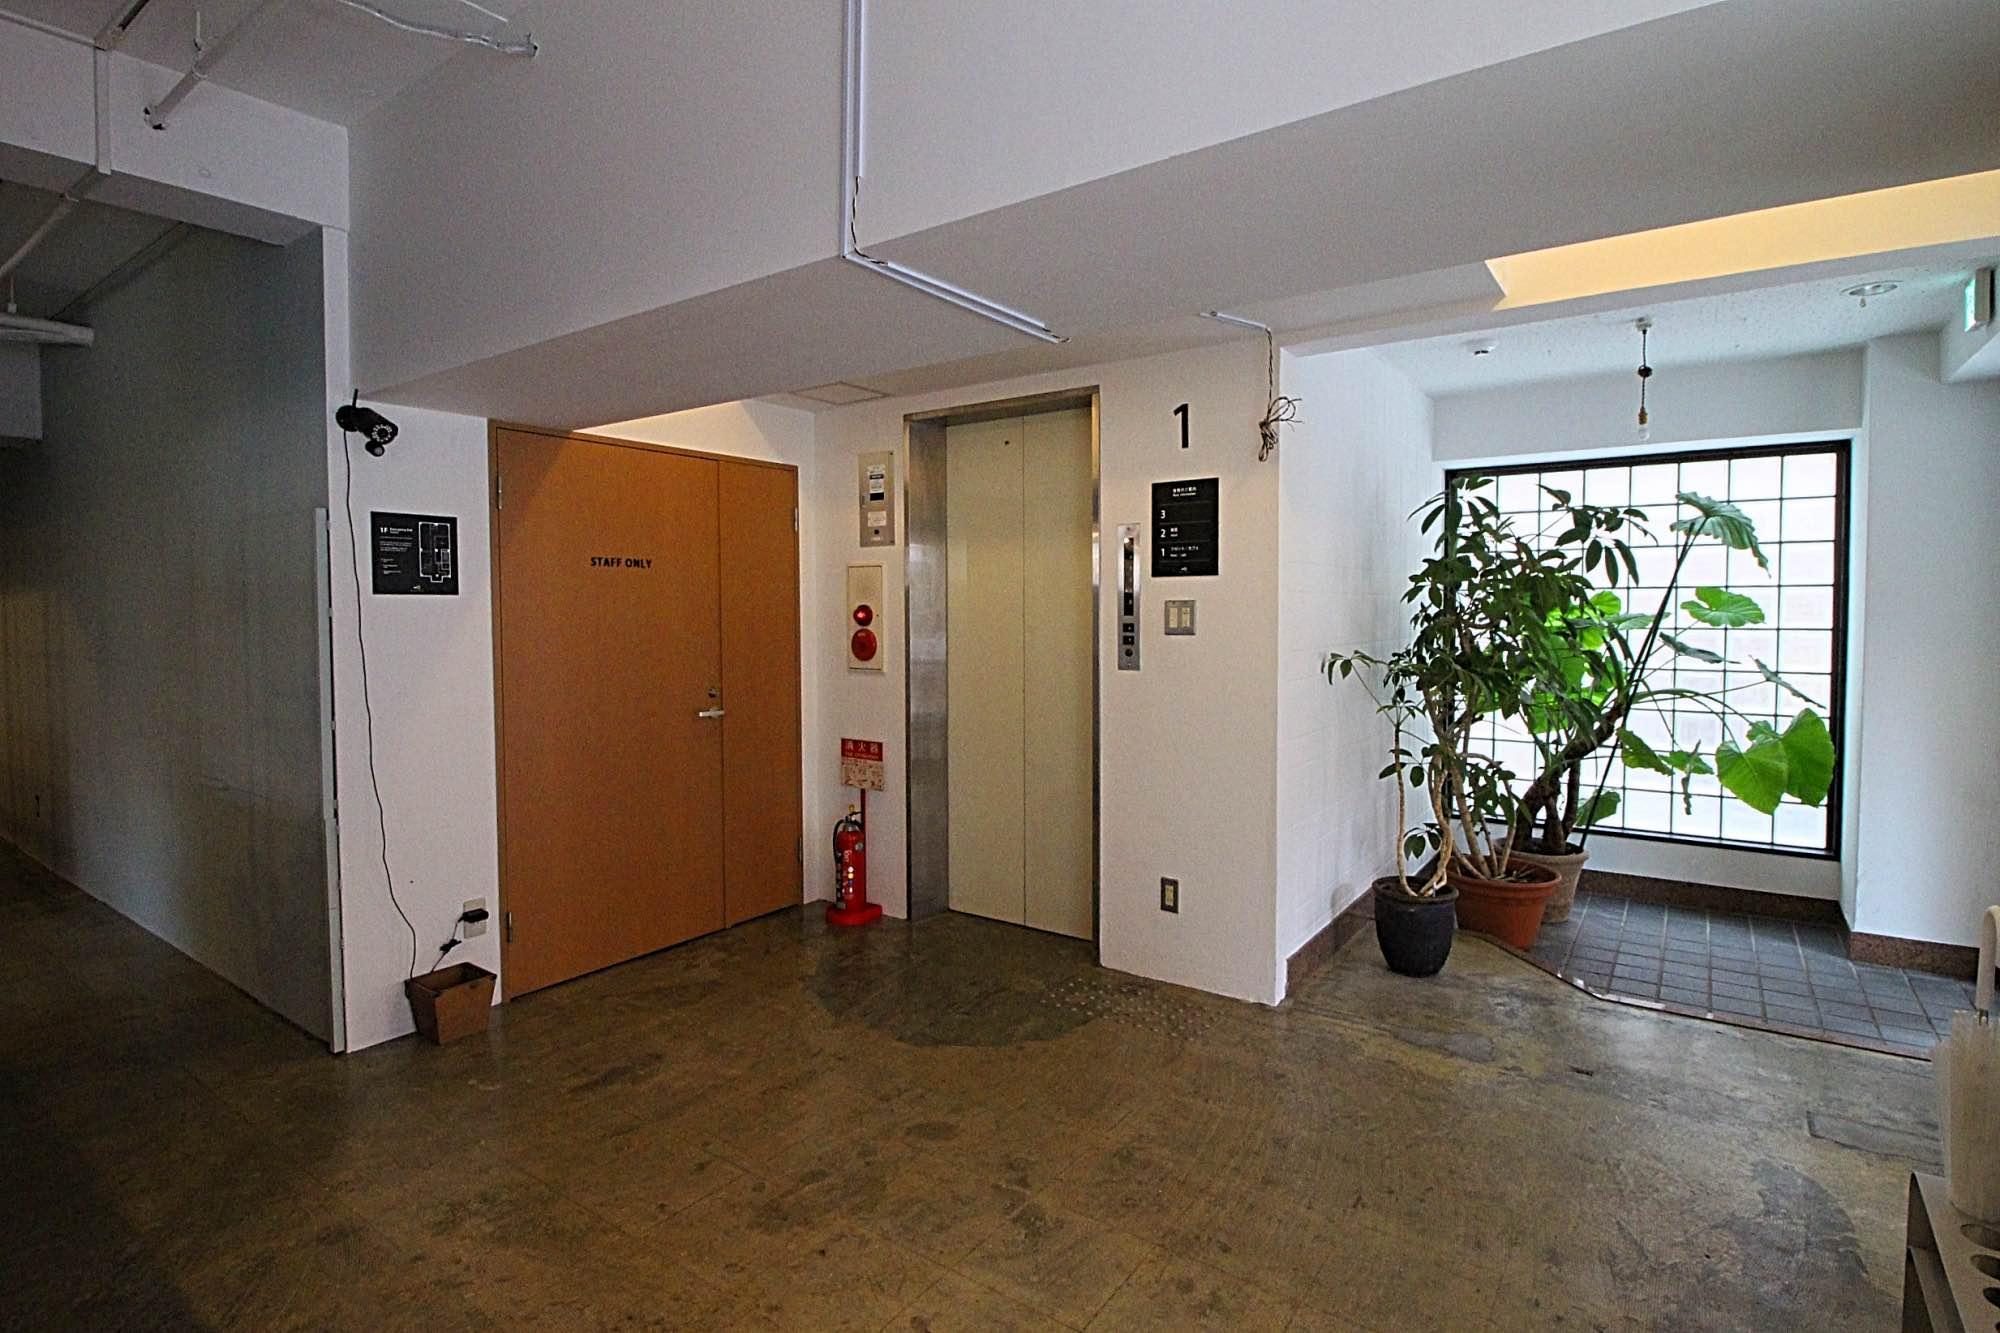 こちらが2階3階に上がるエレベーター